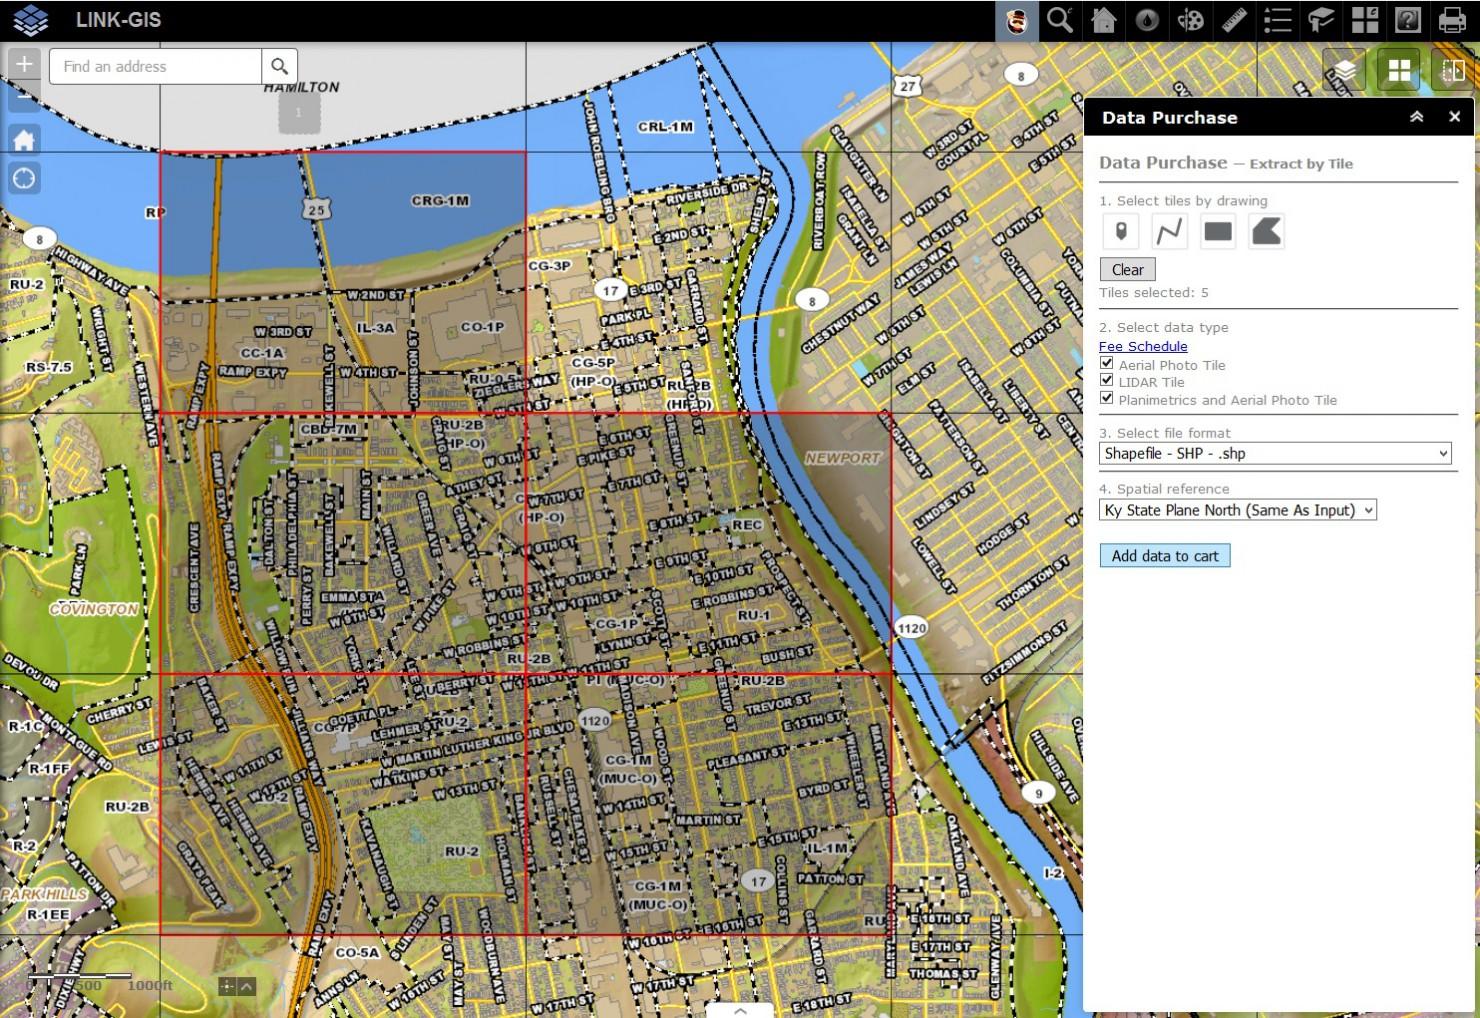 Digital Data by Tile - LINK-GIS